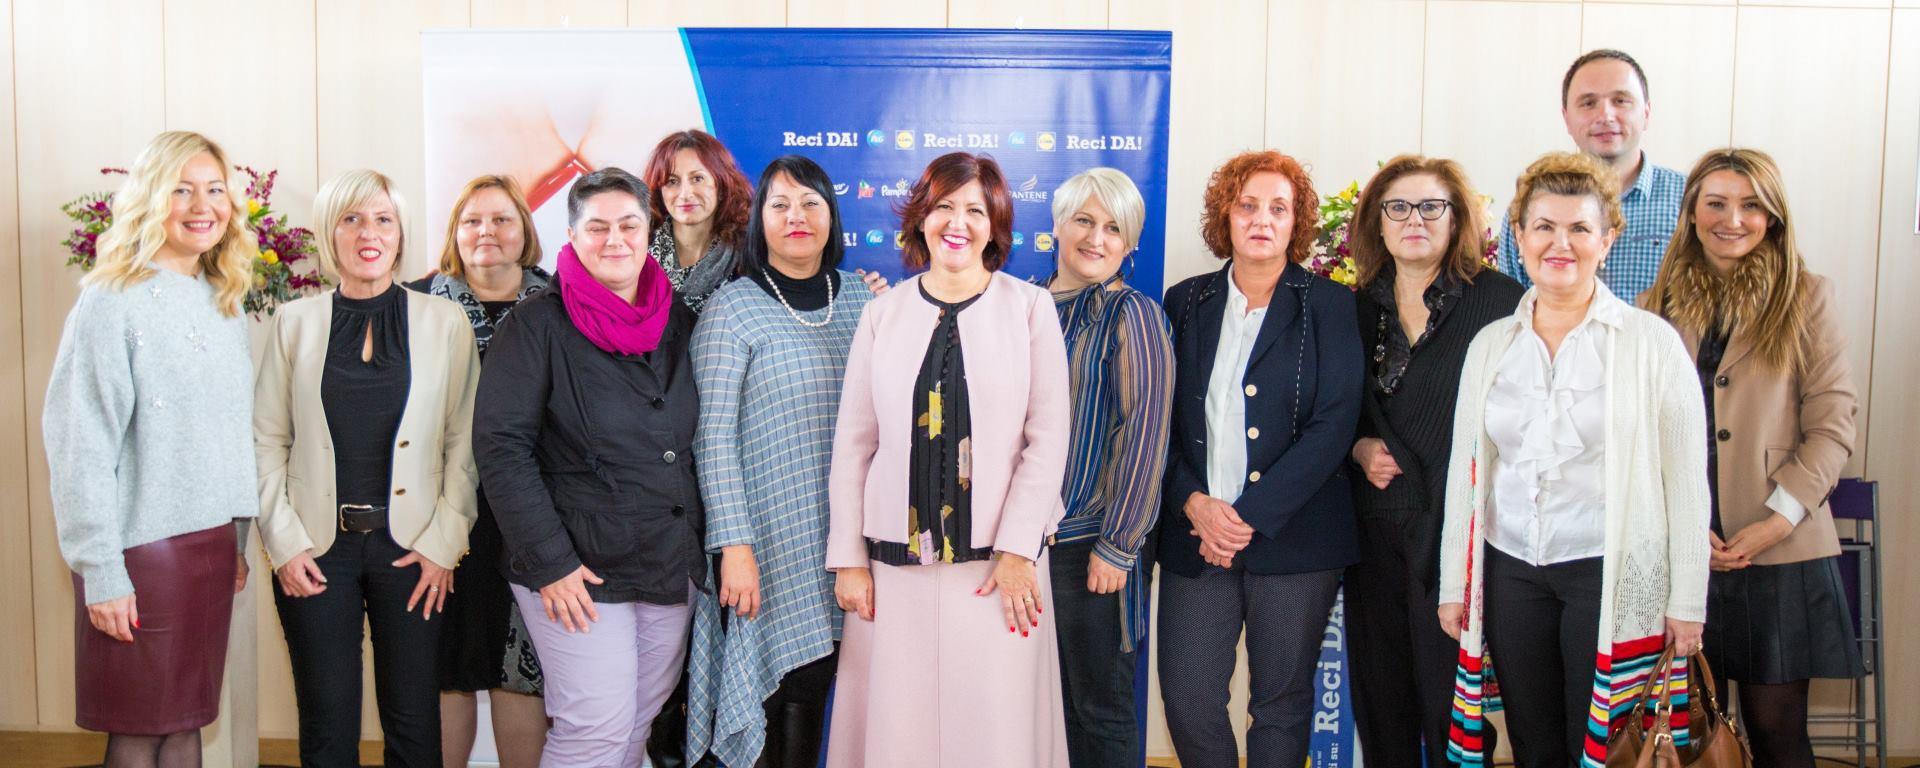 PROCTER&GAMBLE I LIDL HRVATSKA Zahvala svim sudionicima humanitarne kampanje 'Reci DA!' za obnovu 13 dječjih domova